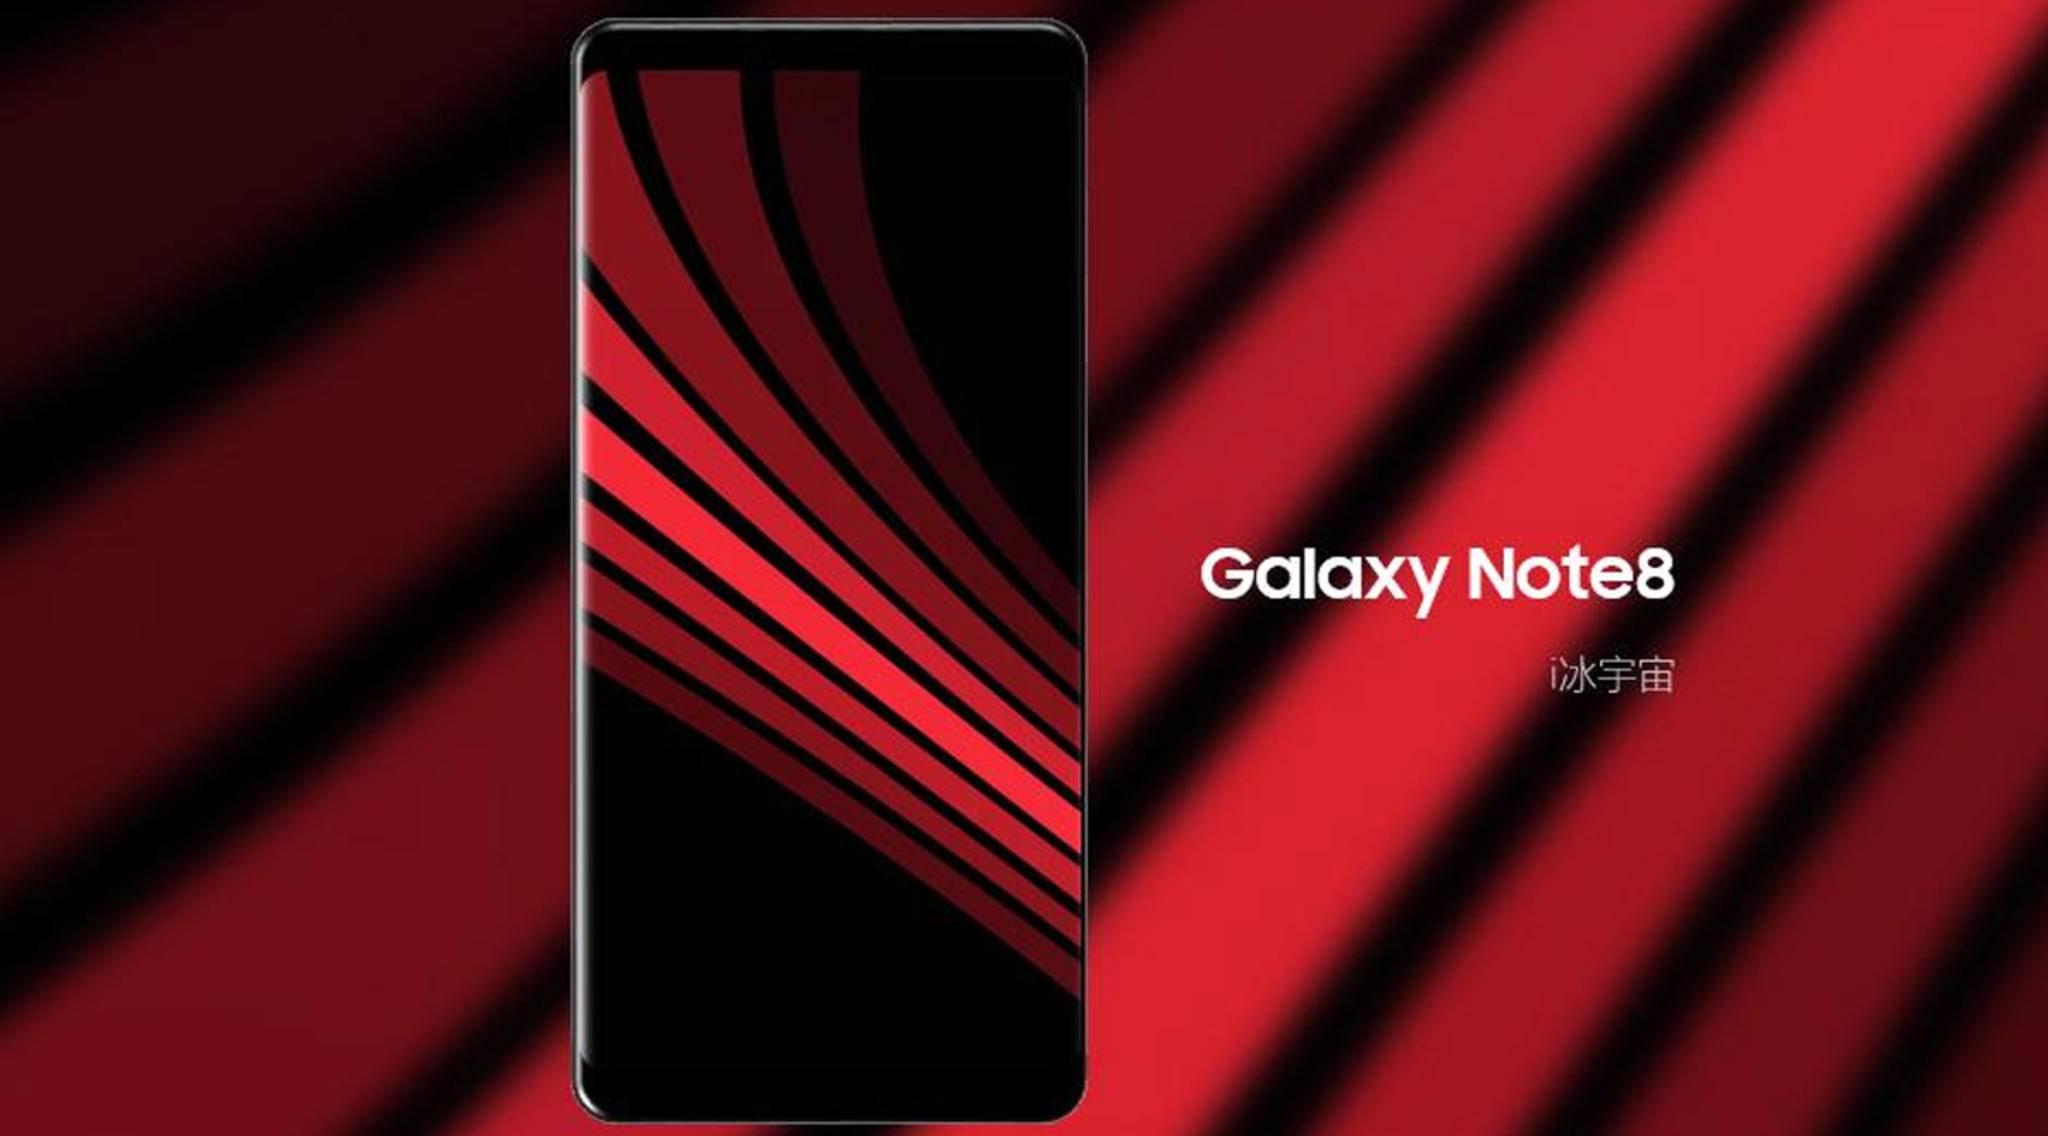 Riesiger Randlos-Screen: Die Enthüllung des Galaxy Note 8 wird mit Spannung erwartet.